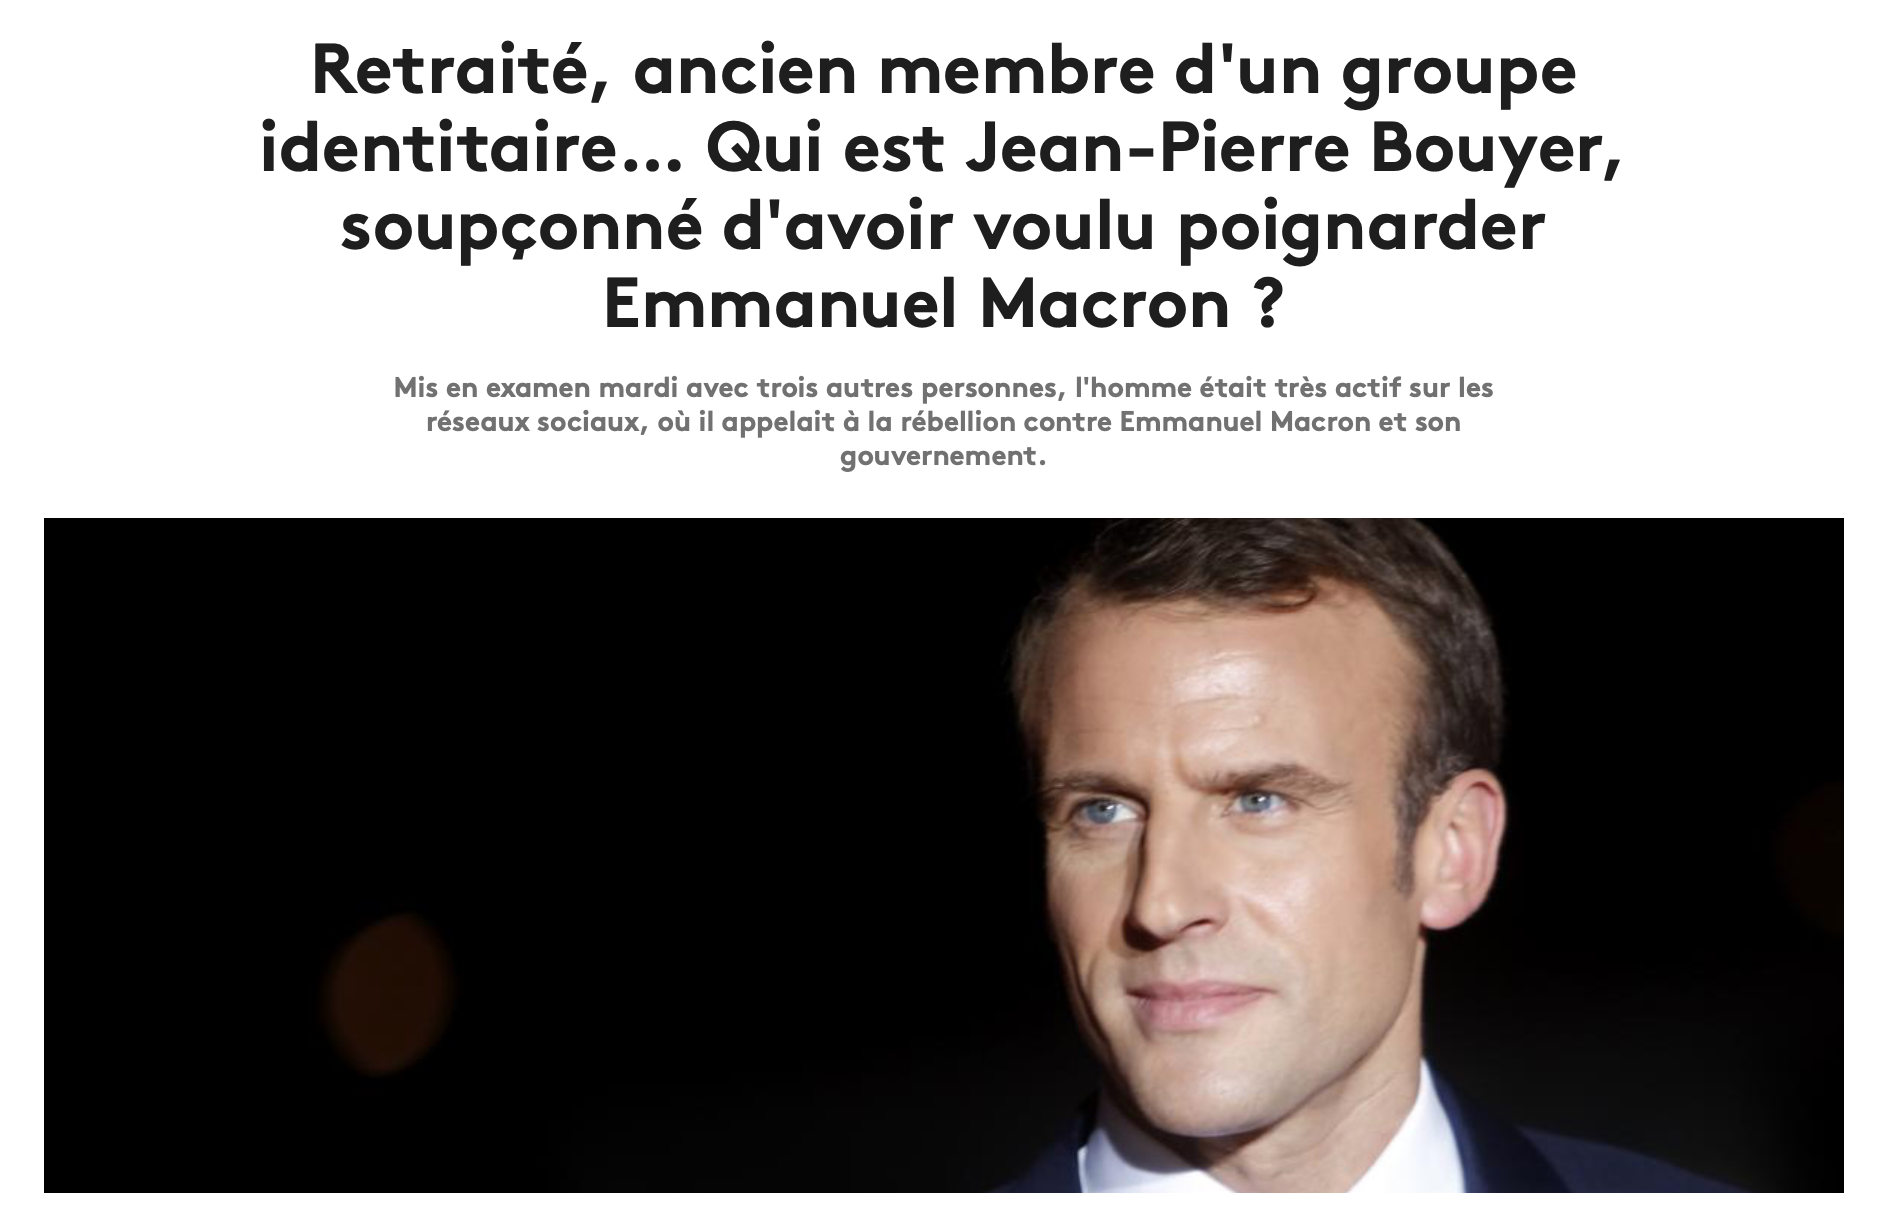 Je suis fière d'avoir pour ami Jean-Pierre Bouyer, accusé d'avoir voulu poignarder Macron